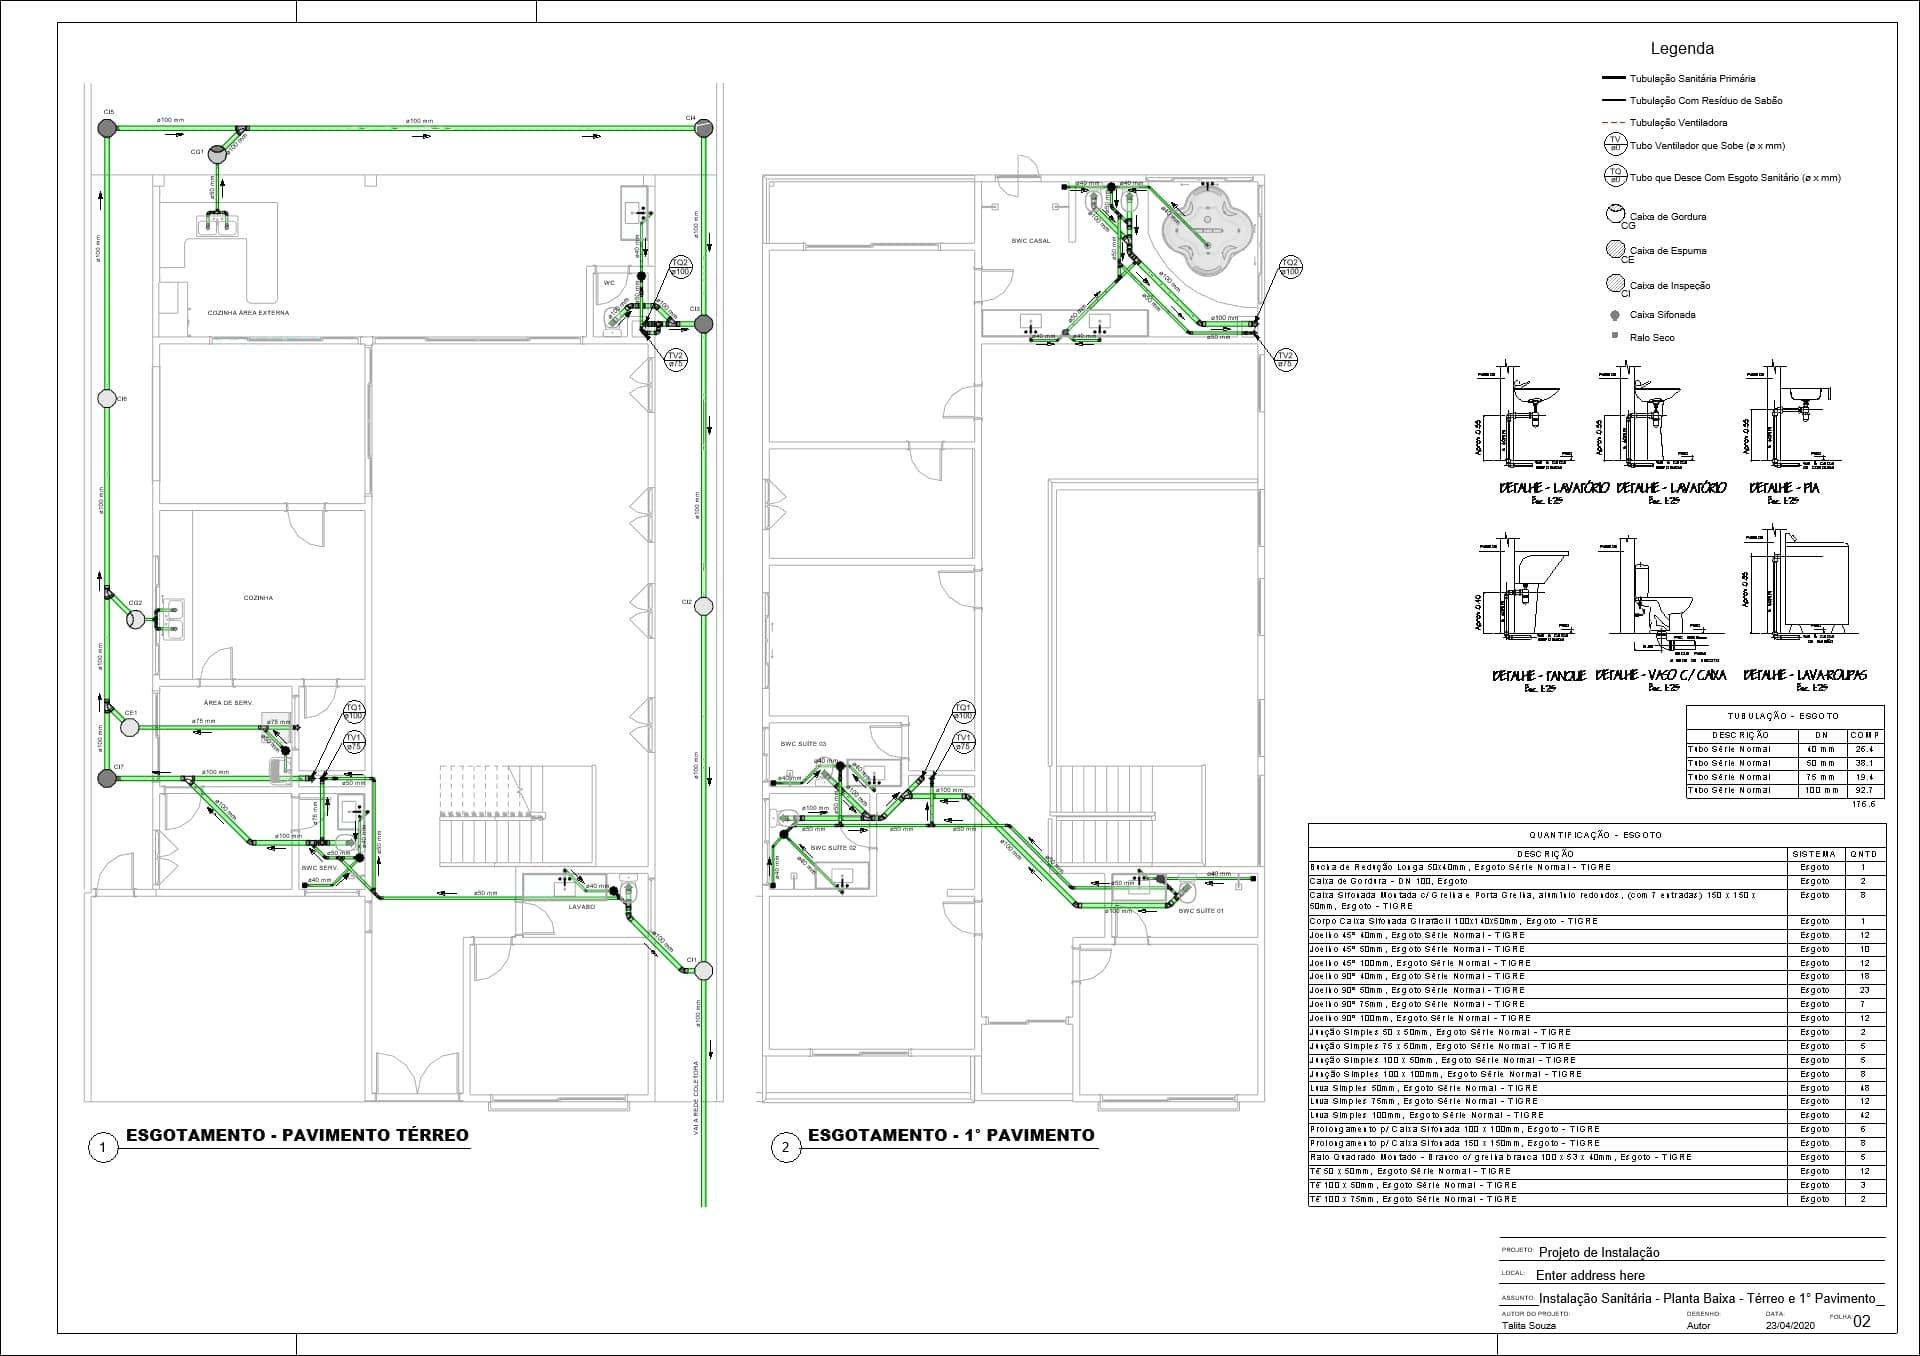 compatibilização de projetos no revit 2020 hidrossanitário